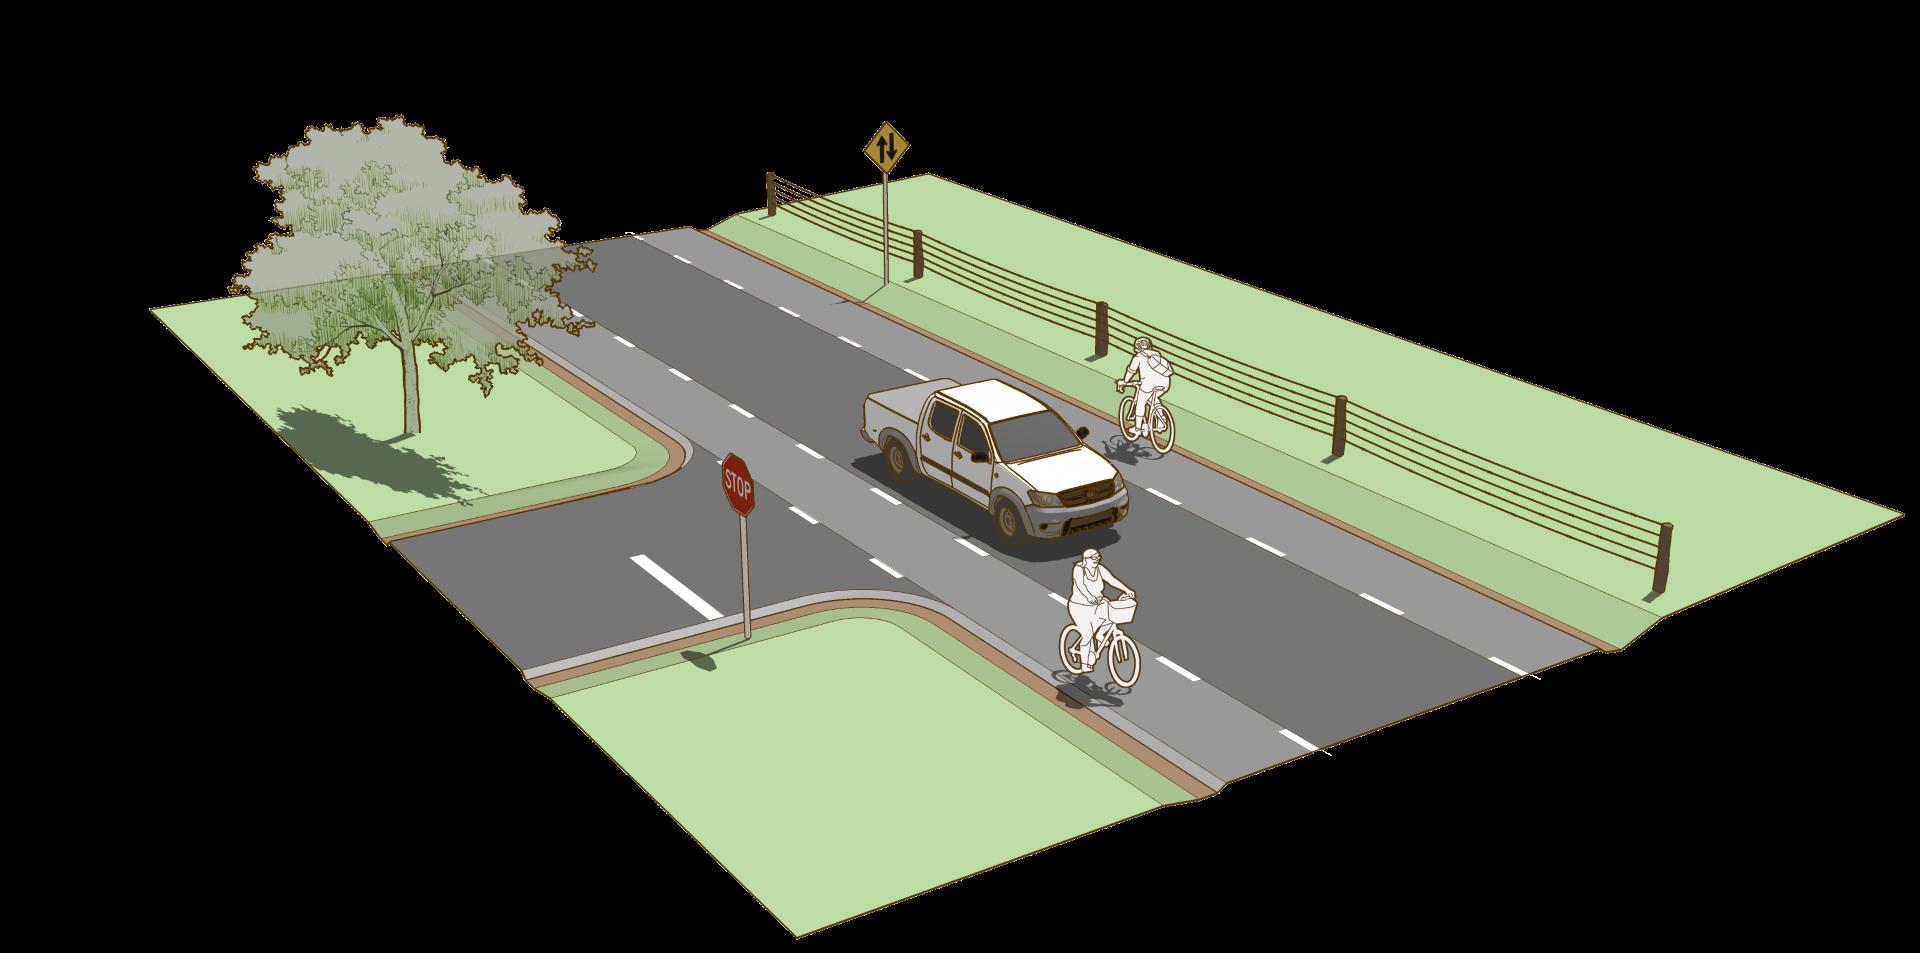 Advisory shoulder design guide. Clipart road rural road